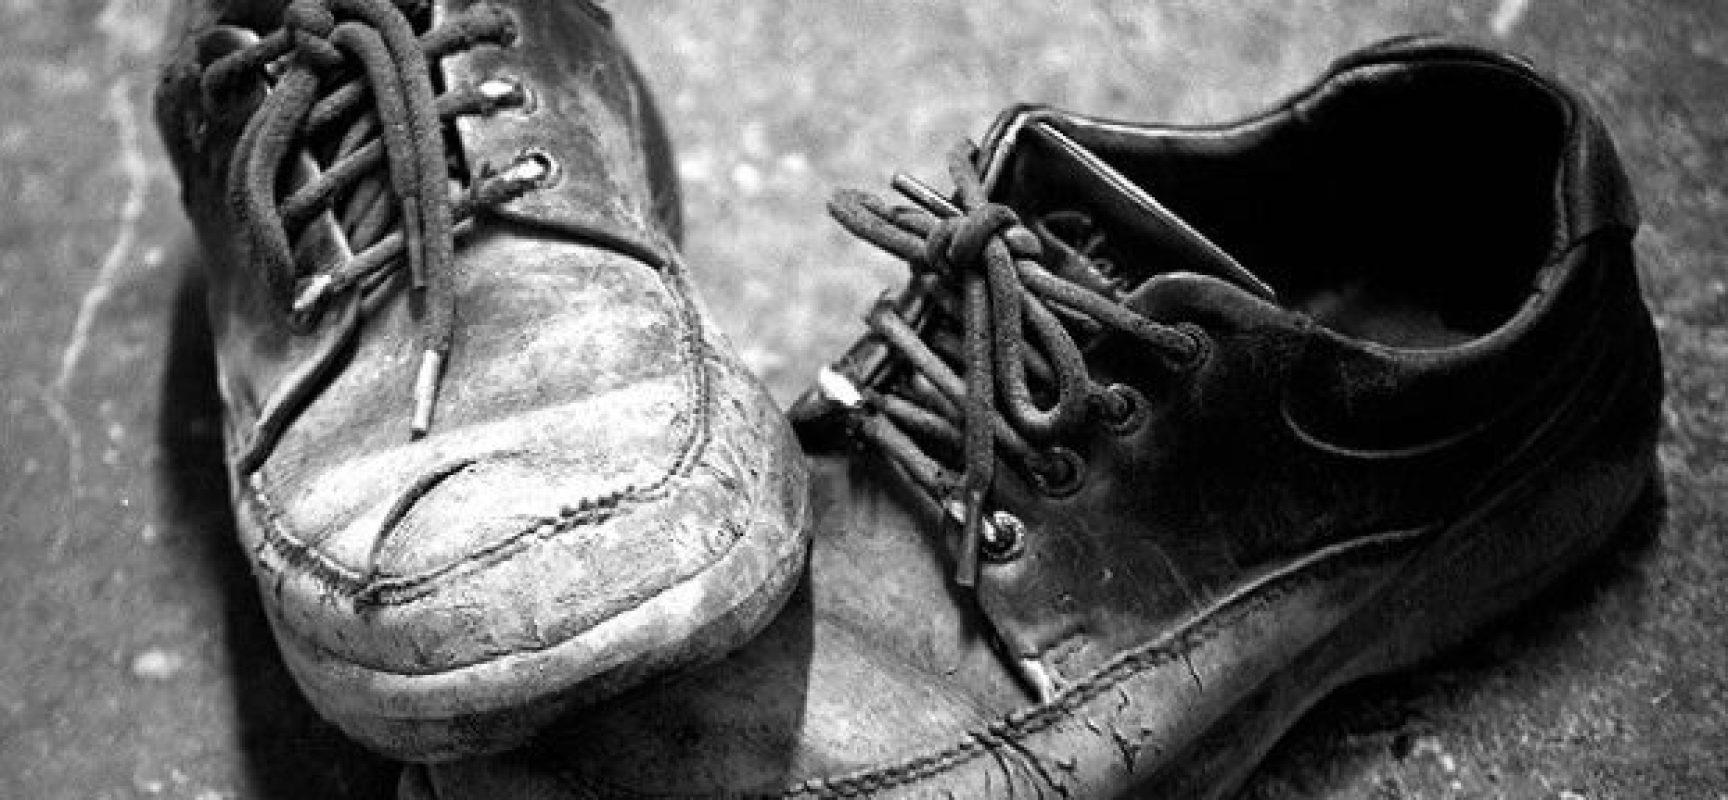 Avevamo due paia di scarpe, una per tutti i giorni e se eri fortunato una per la domenica